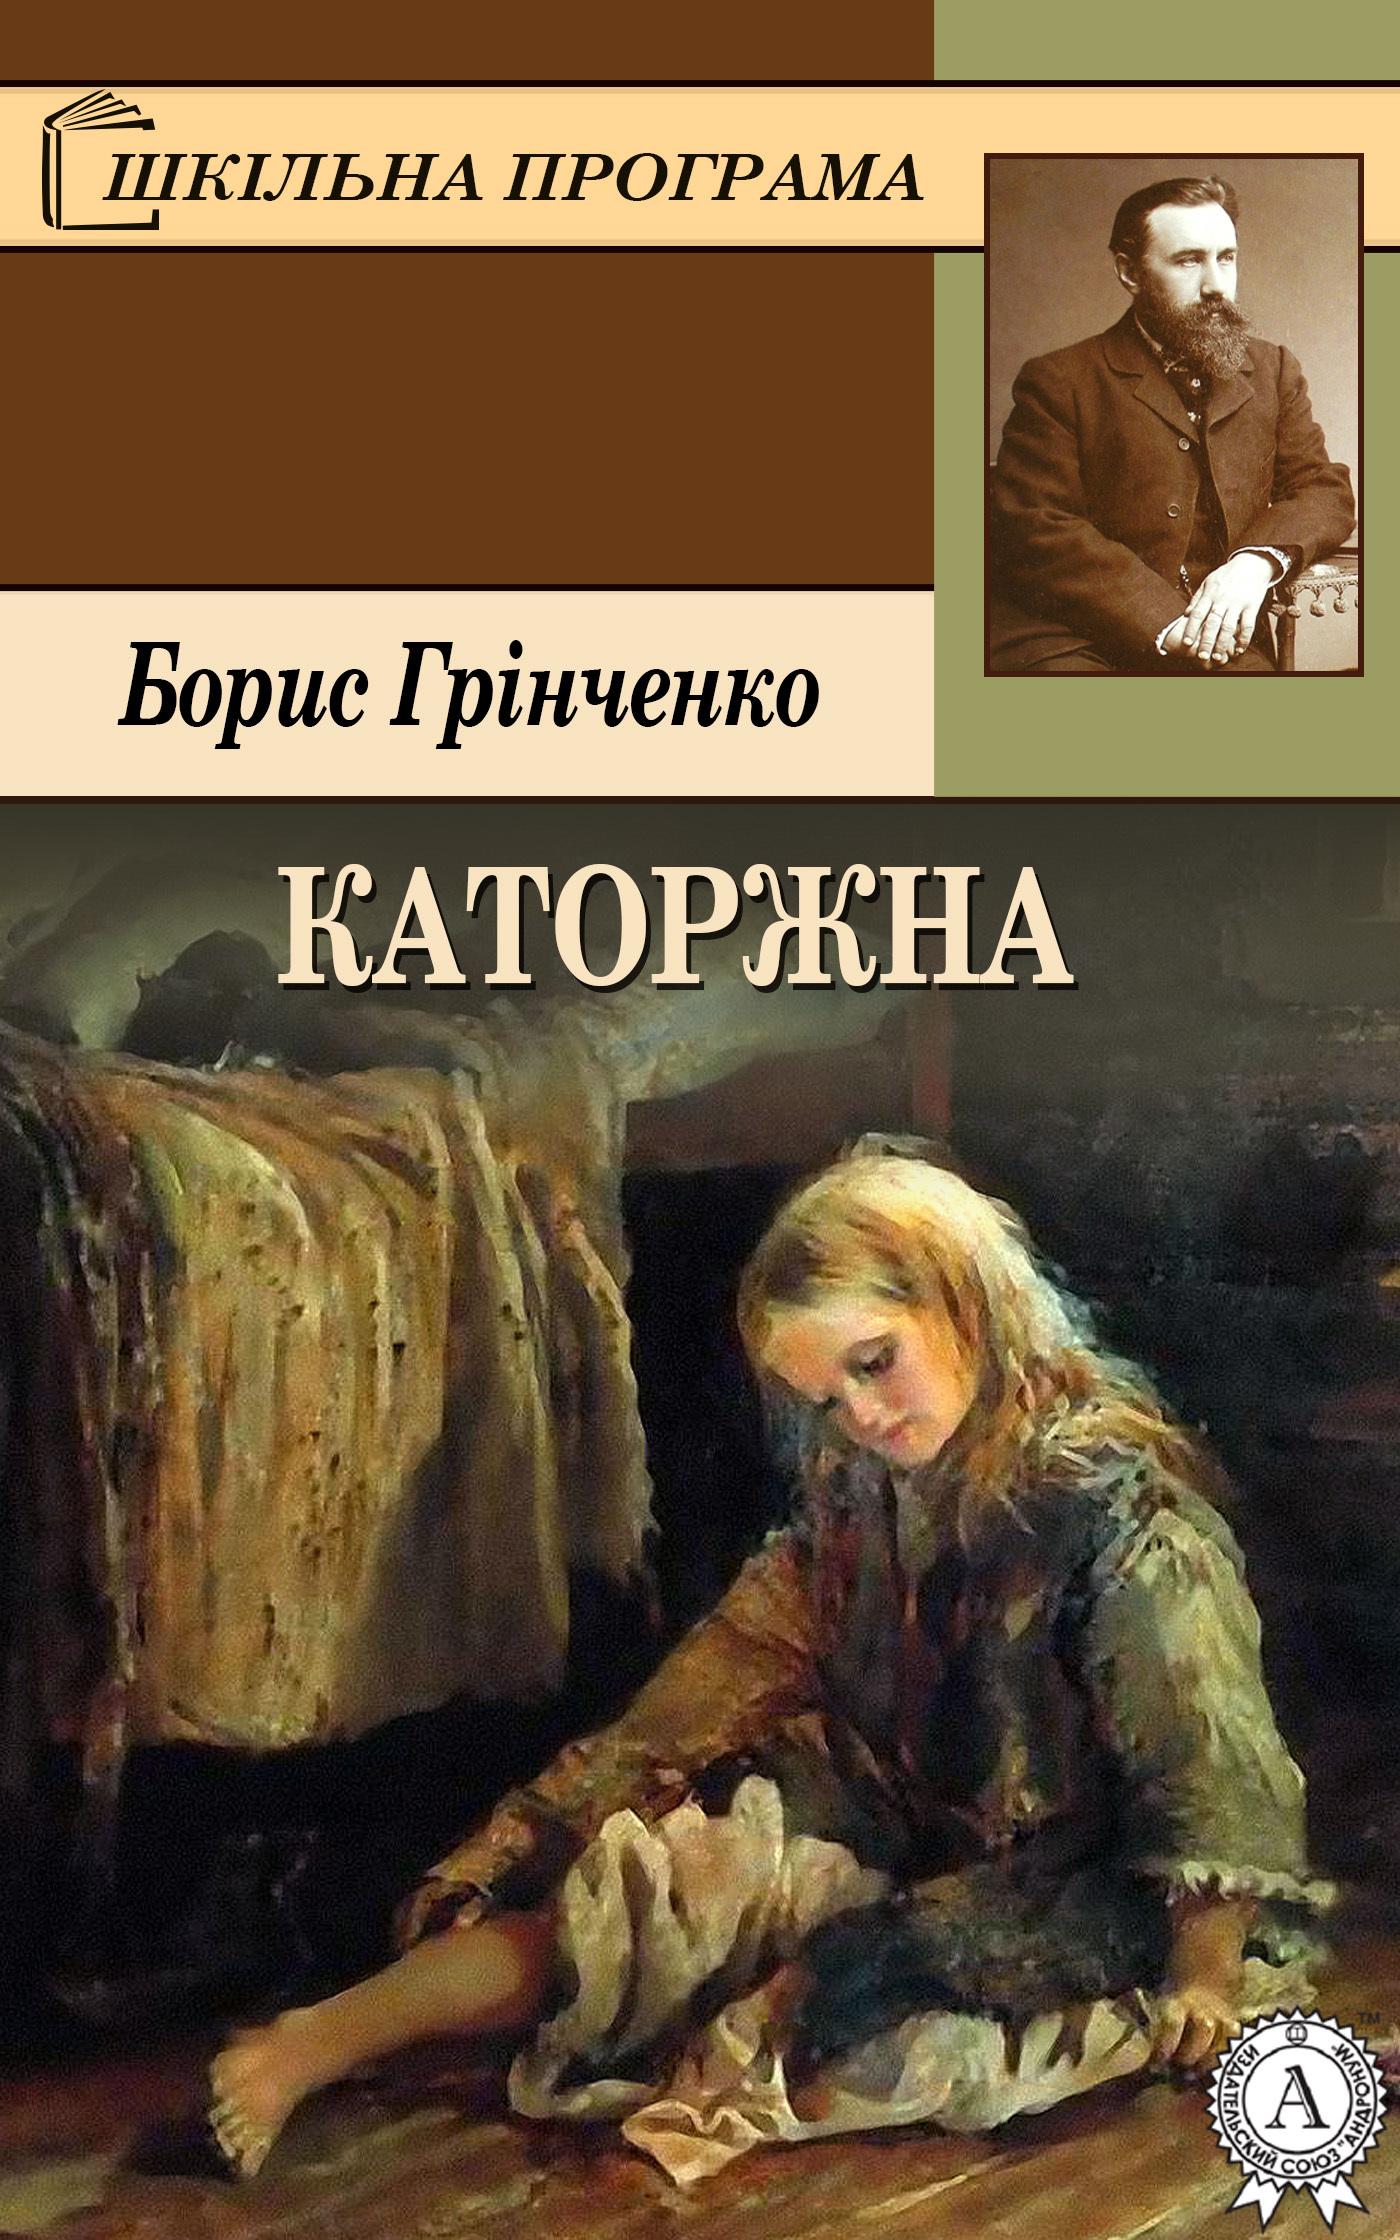 Борис Грнченко бесплатно